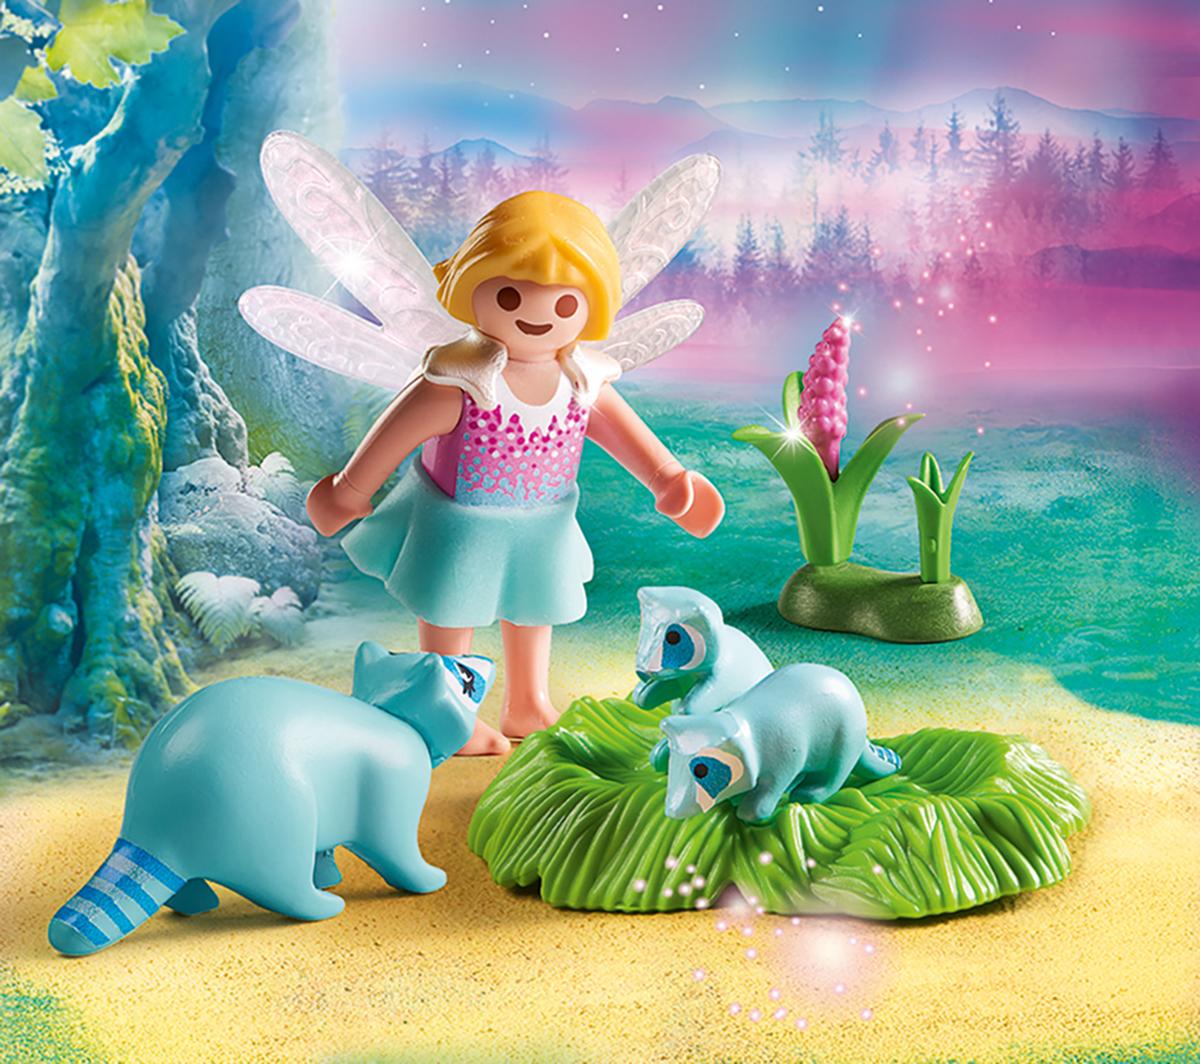 Playmobil Игровой набор Феи Девочка-фея с енотами